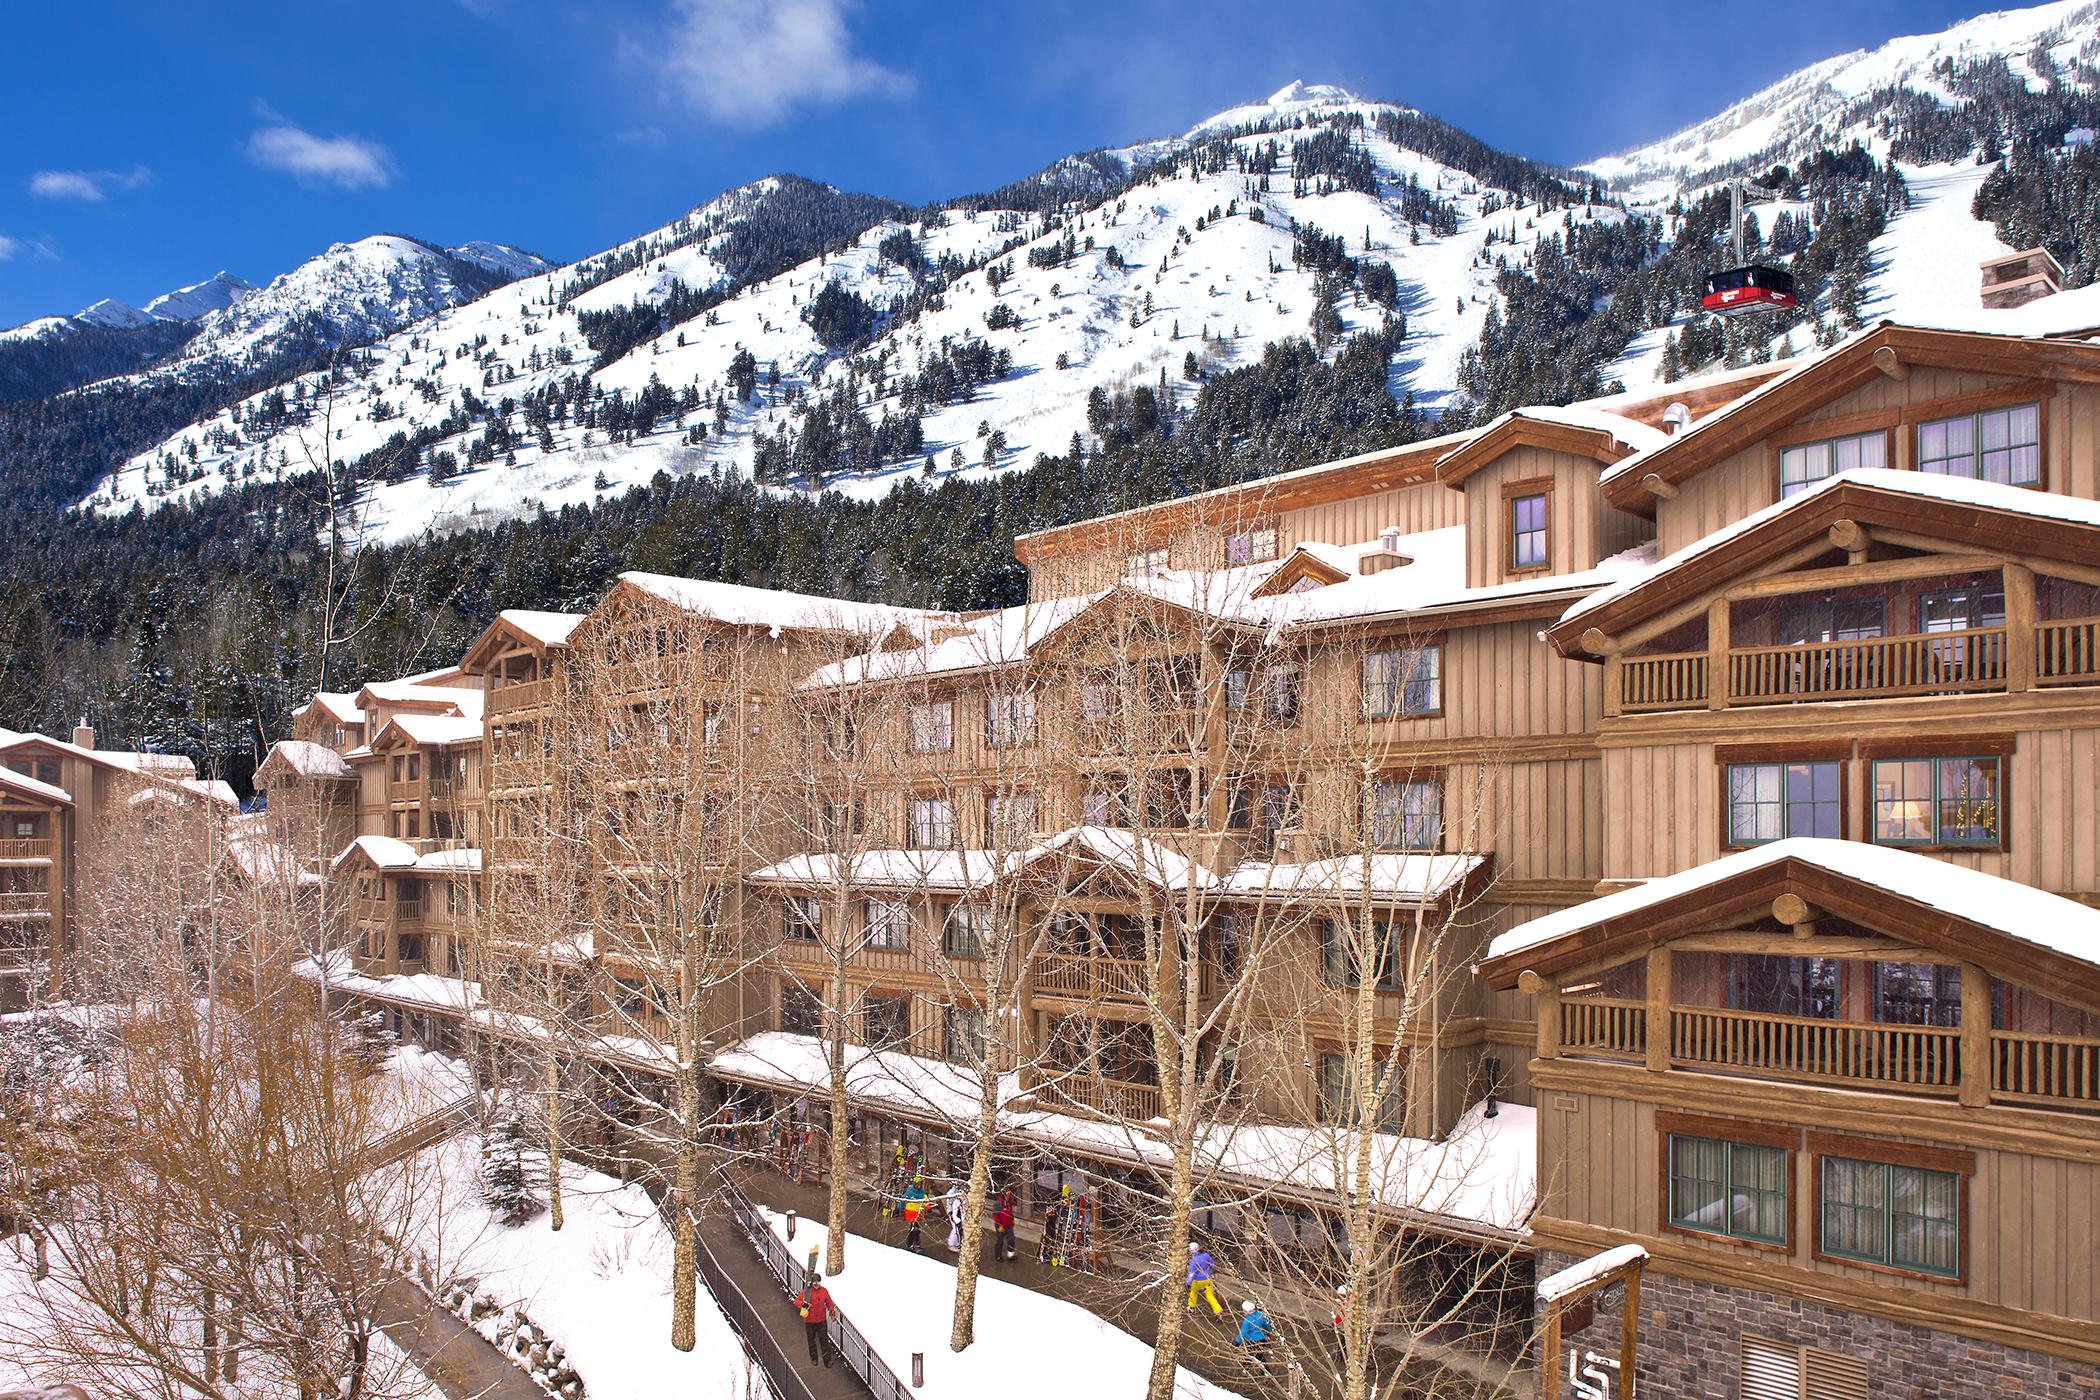 Teton Mountain Lodge - Exterior